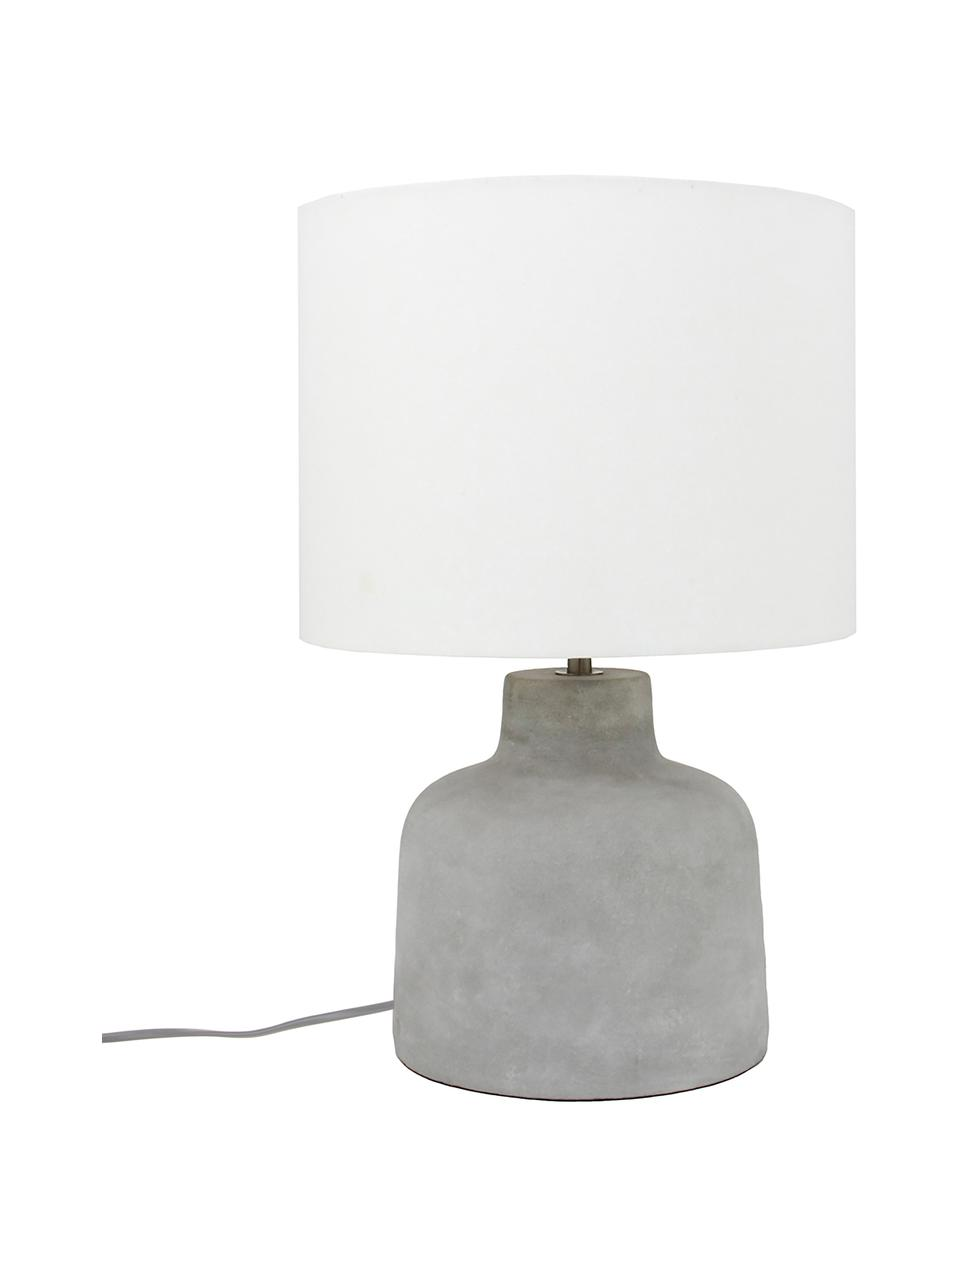 Moderne tafellamp Ike betonnen voet, Lampenkap: 100% linnen, Lampvoet: beton, Betonkleurig, wit, Ø 30 x H 45 cm